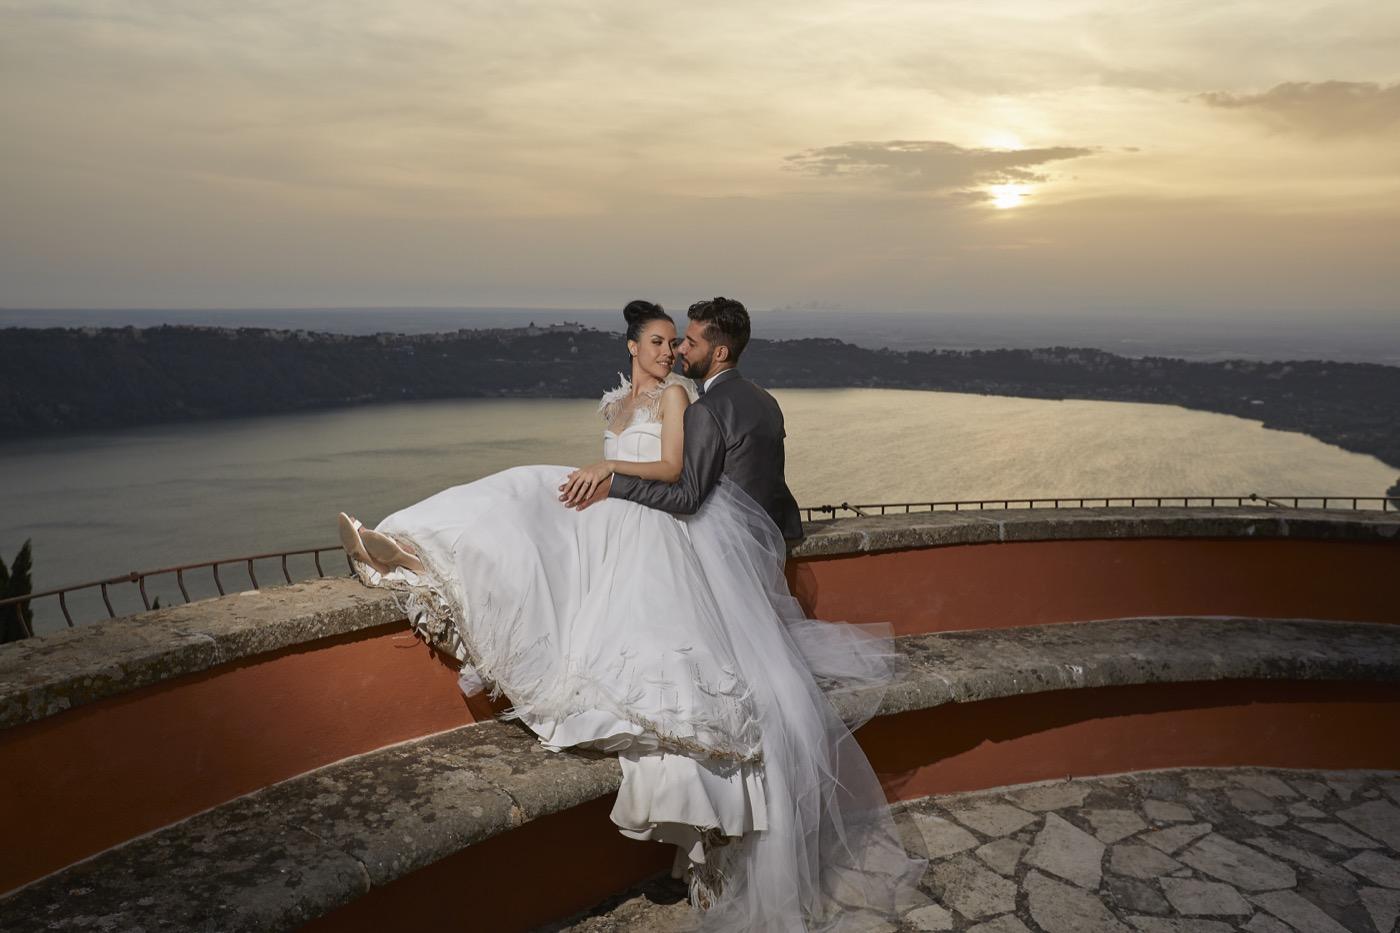 Claudio-Coppola-wedding-photographer-villa-del-cardinale-rocca-di-papa-castel-gandolfo-93